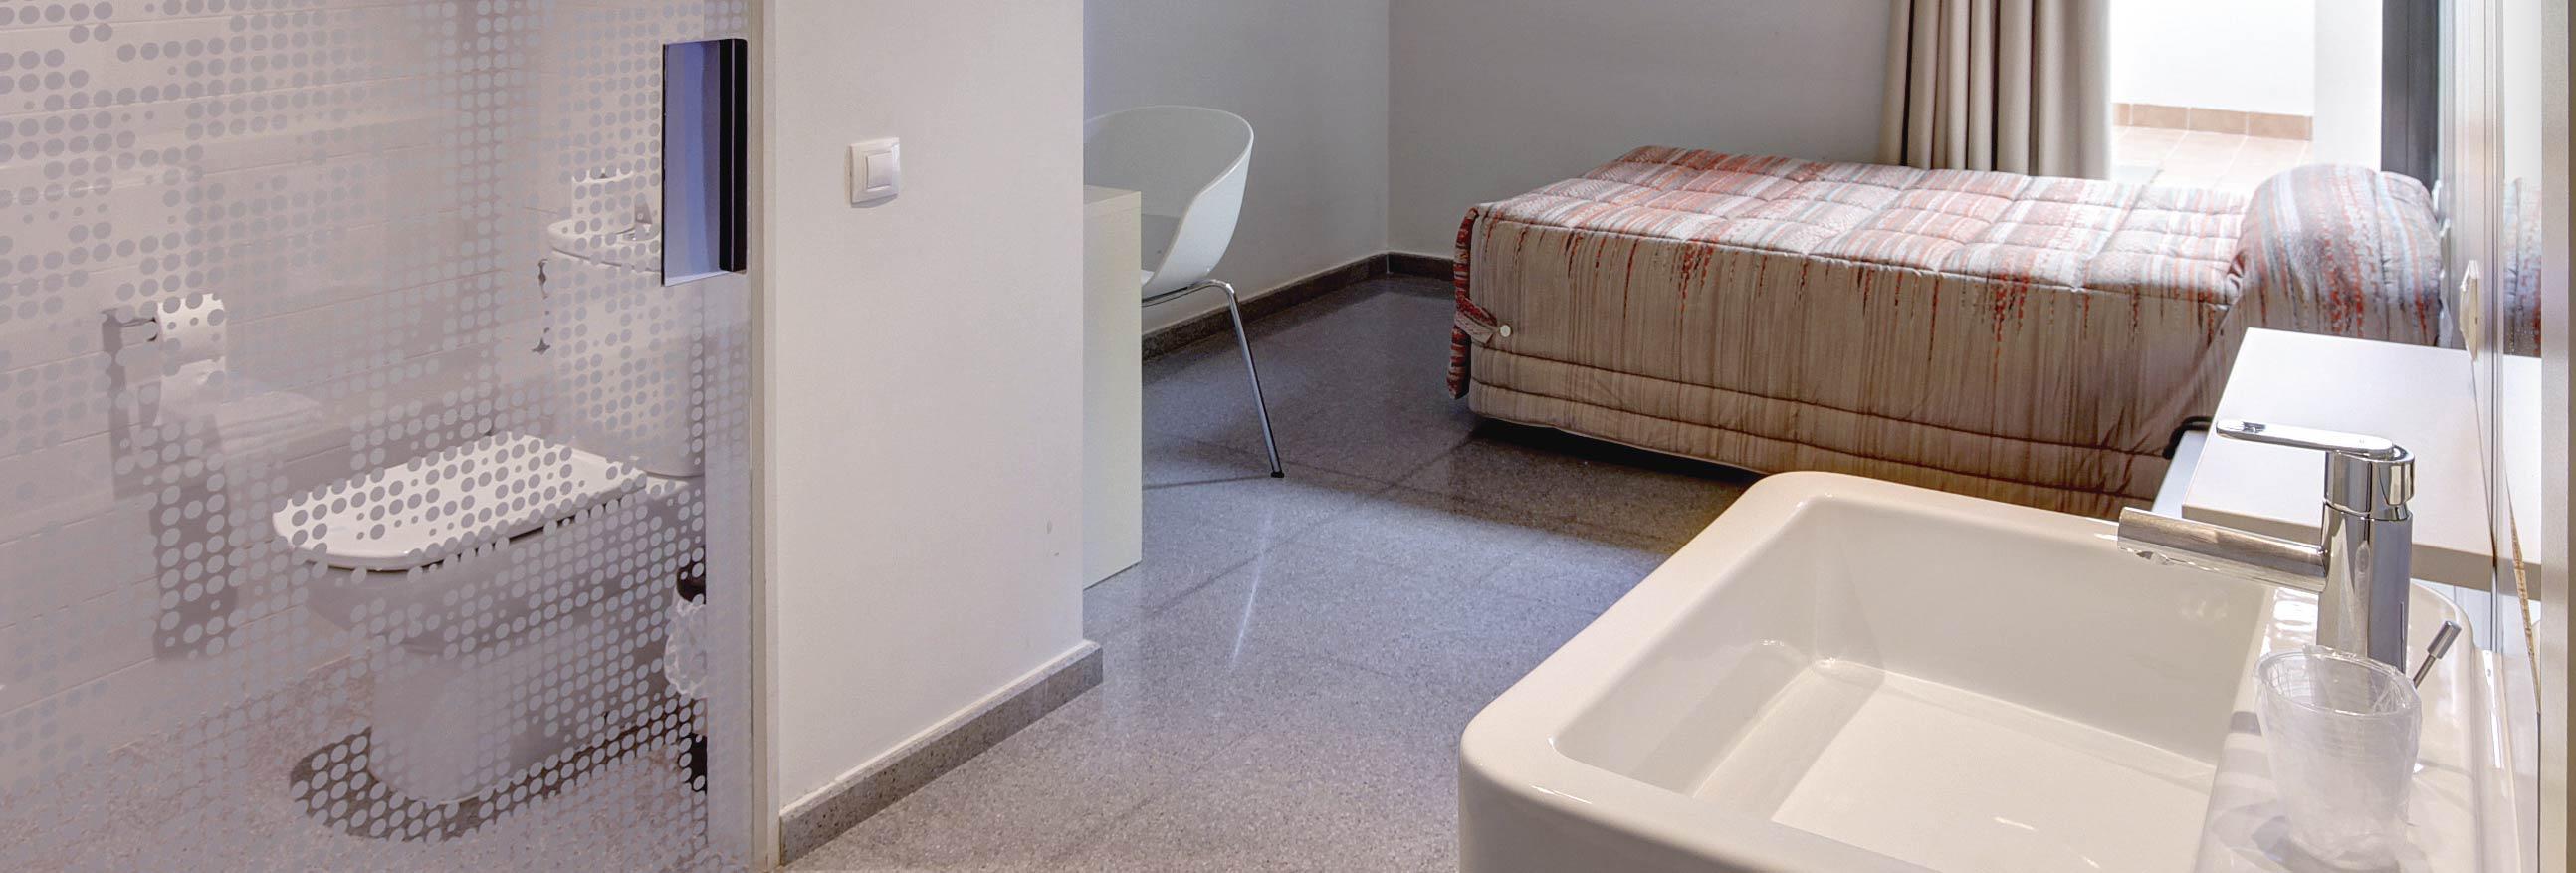 hostal la creu mora ebre tarragona habitacions 2-01-01